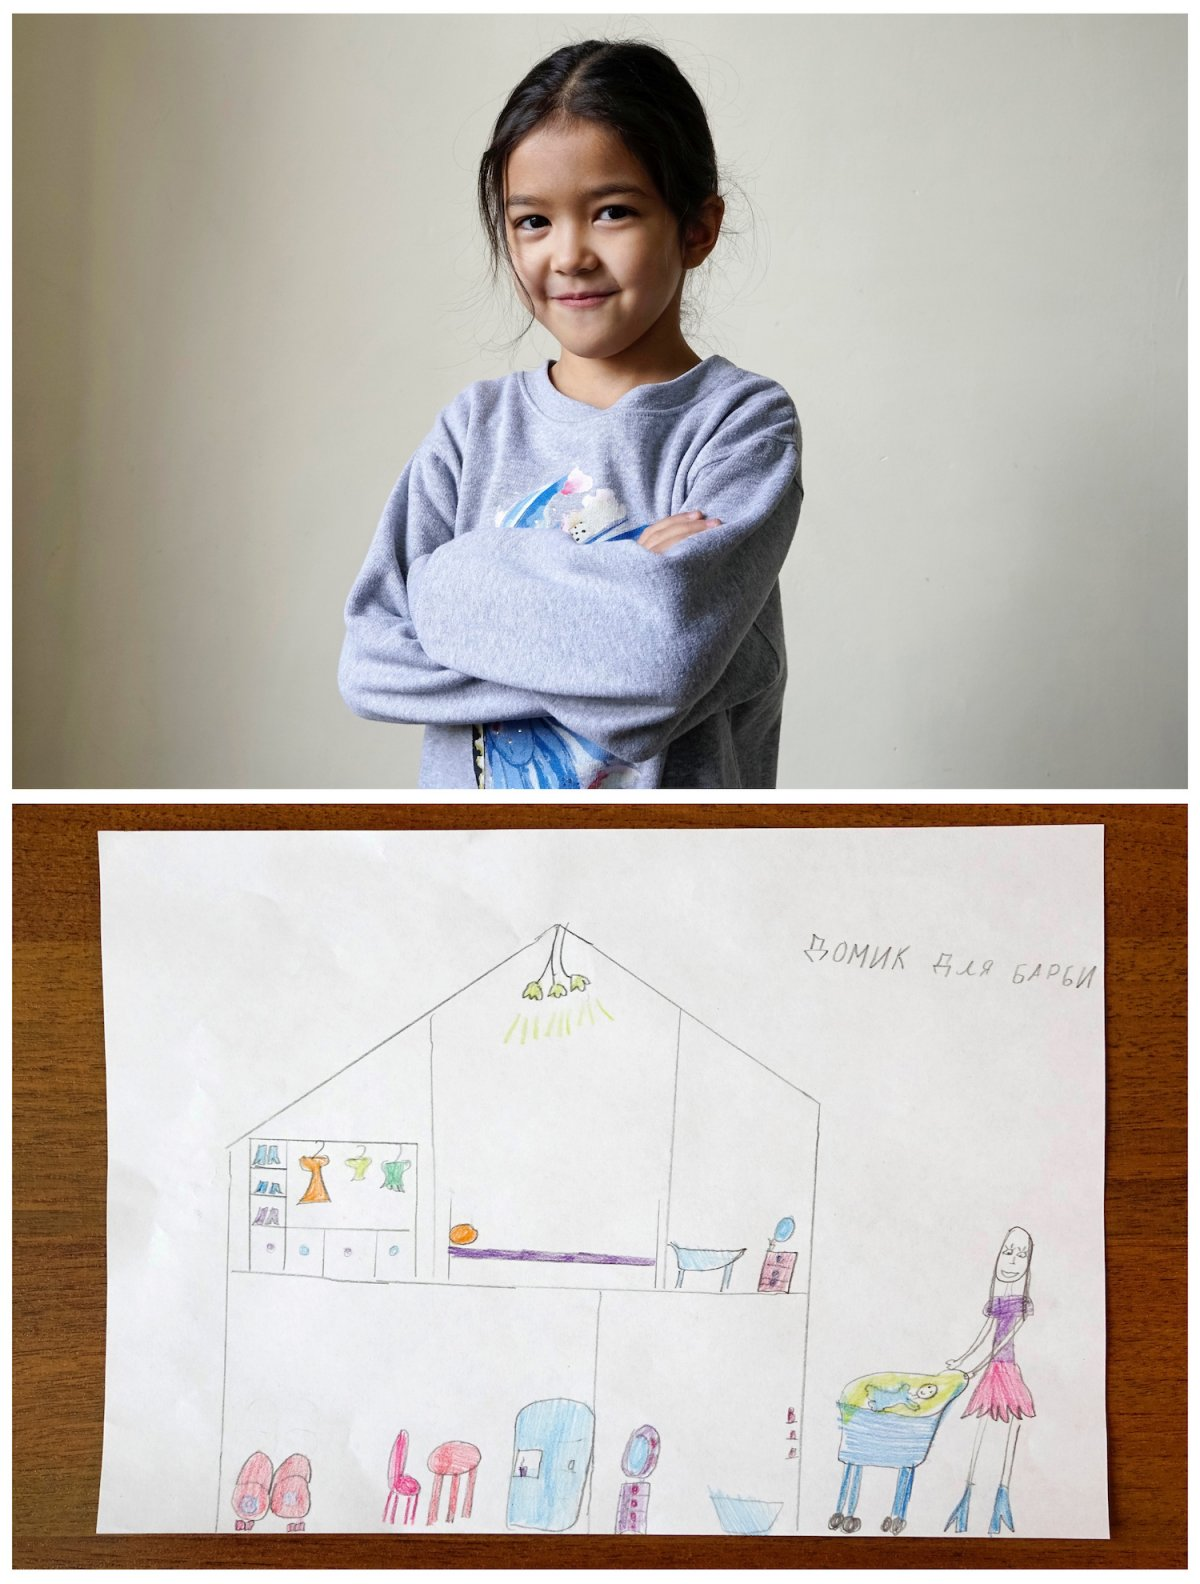 8. Адина из Казахстана просит Деда Мороза дом для своей куклы Барби.